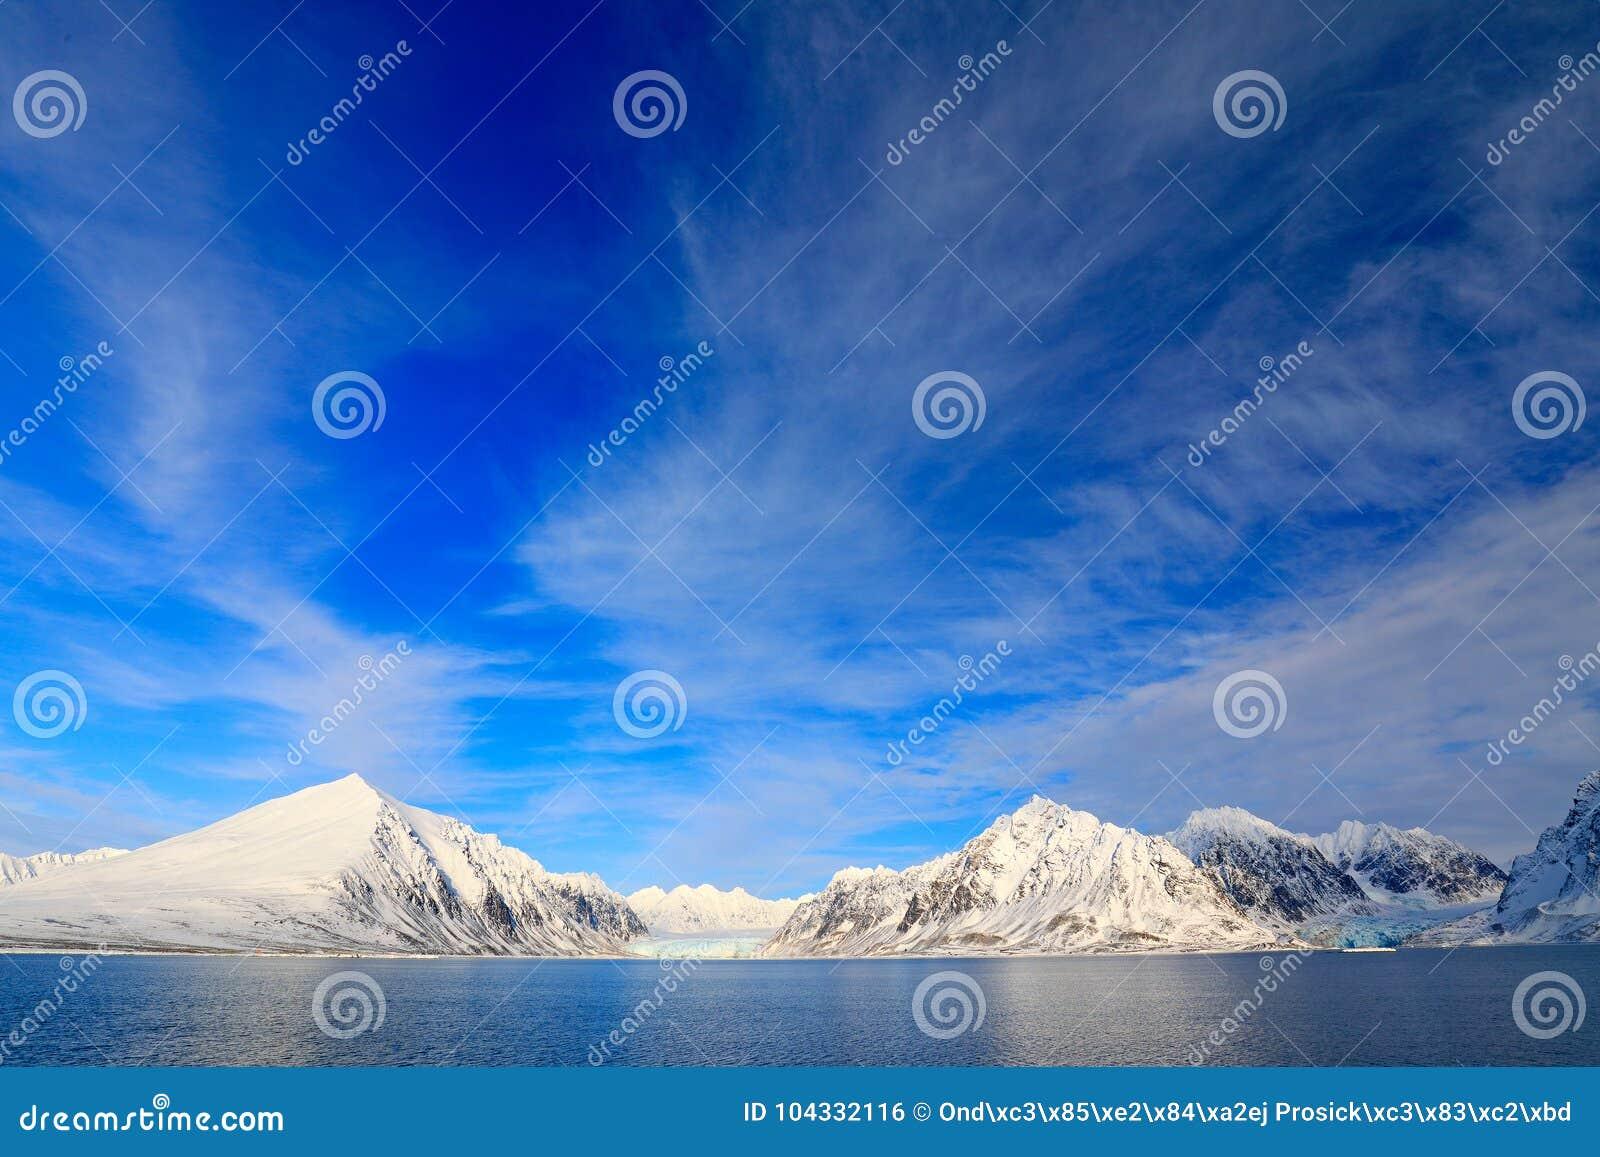 白色多雪的山,蓝色冰川斯瓦尔巴特群岛,挪威 冰在海洋 冰山微明,海洋 与冰川的桃红色云彩 美丽的L.A.在晚上